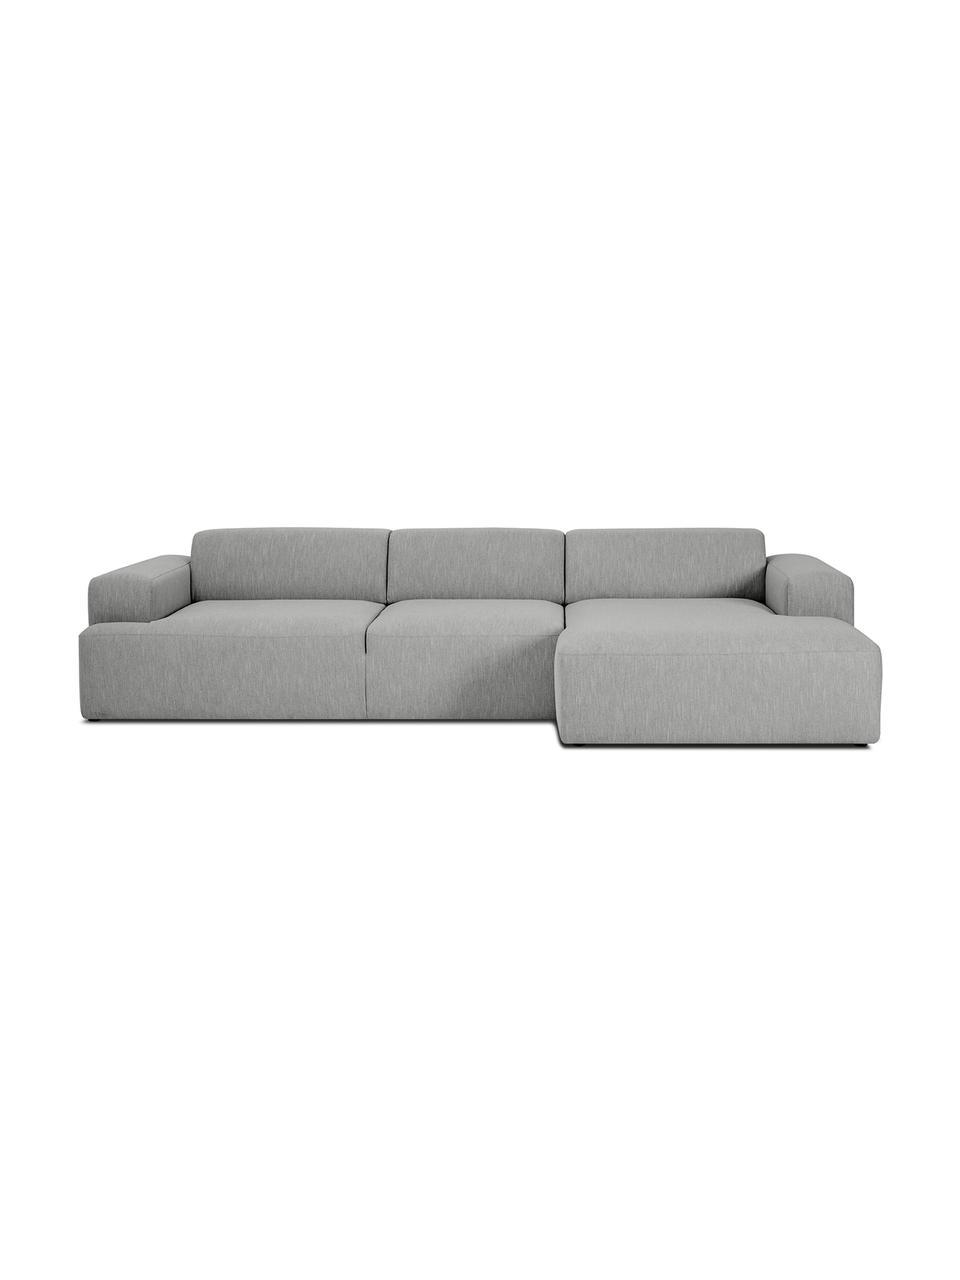 Sofa narożna Melva (4-osobowa), Tapicerka: poliester Dzięki tkaninie, Nogi: lite drewno bukowe, lakie, Szary, S 319 x G 144 cm